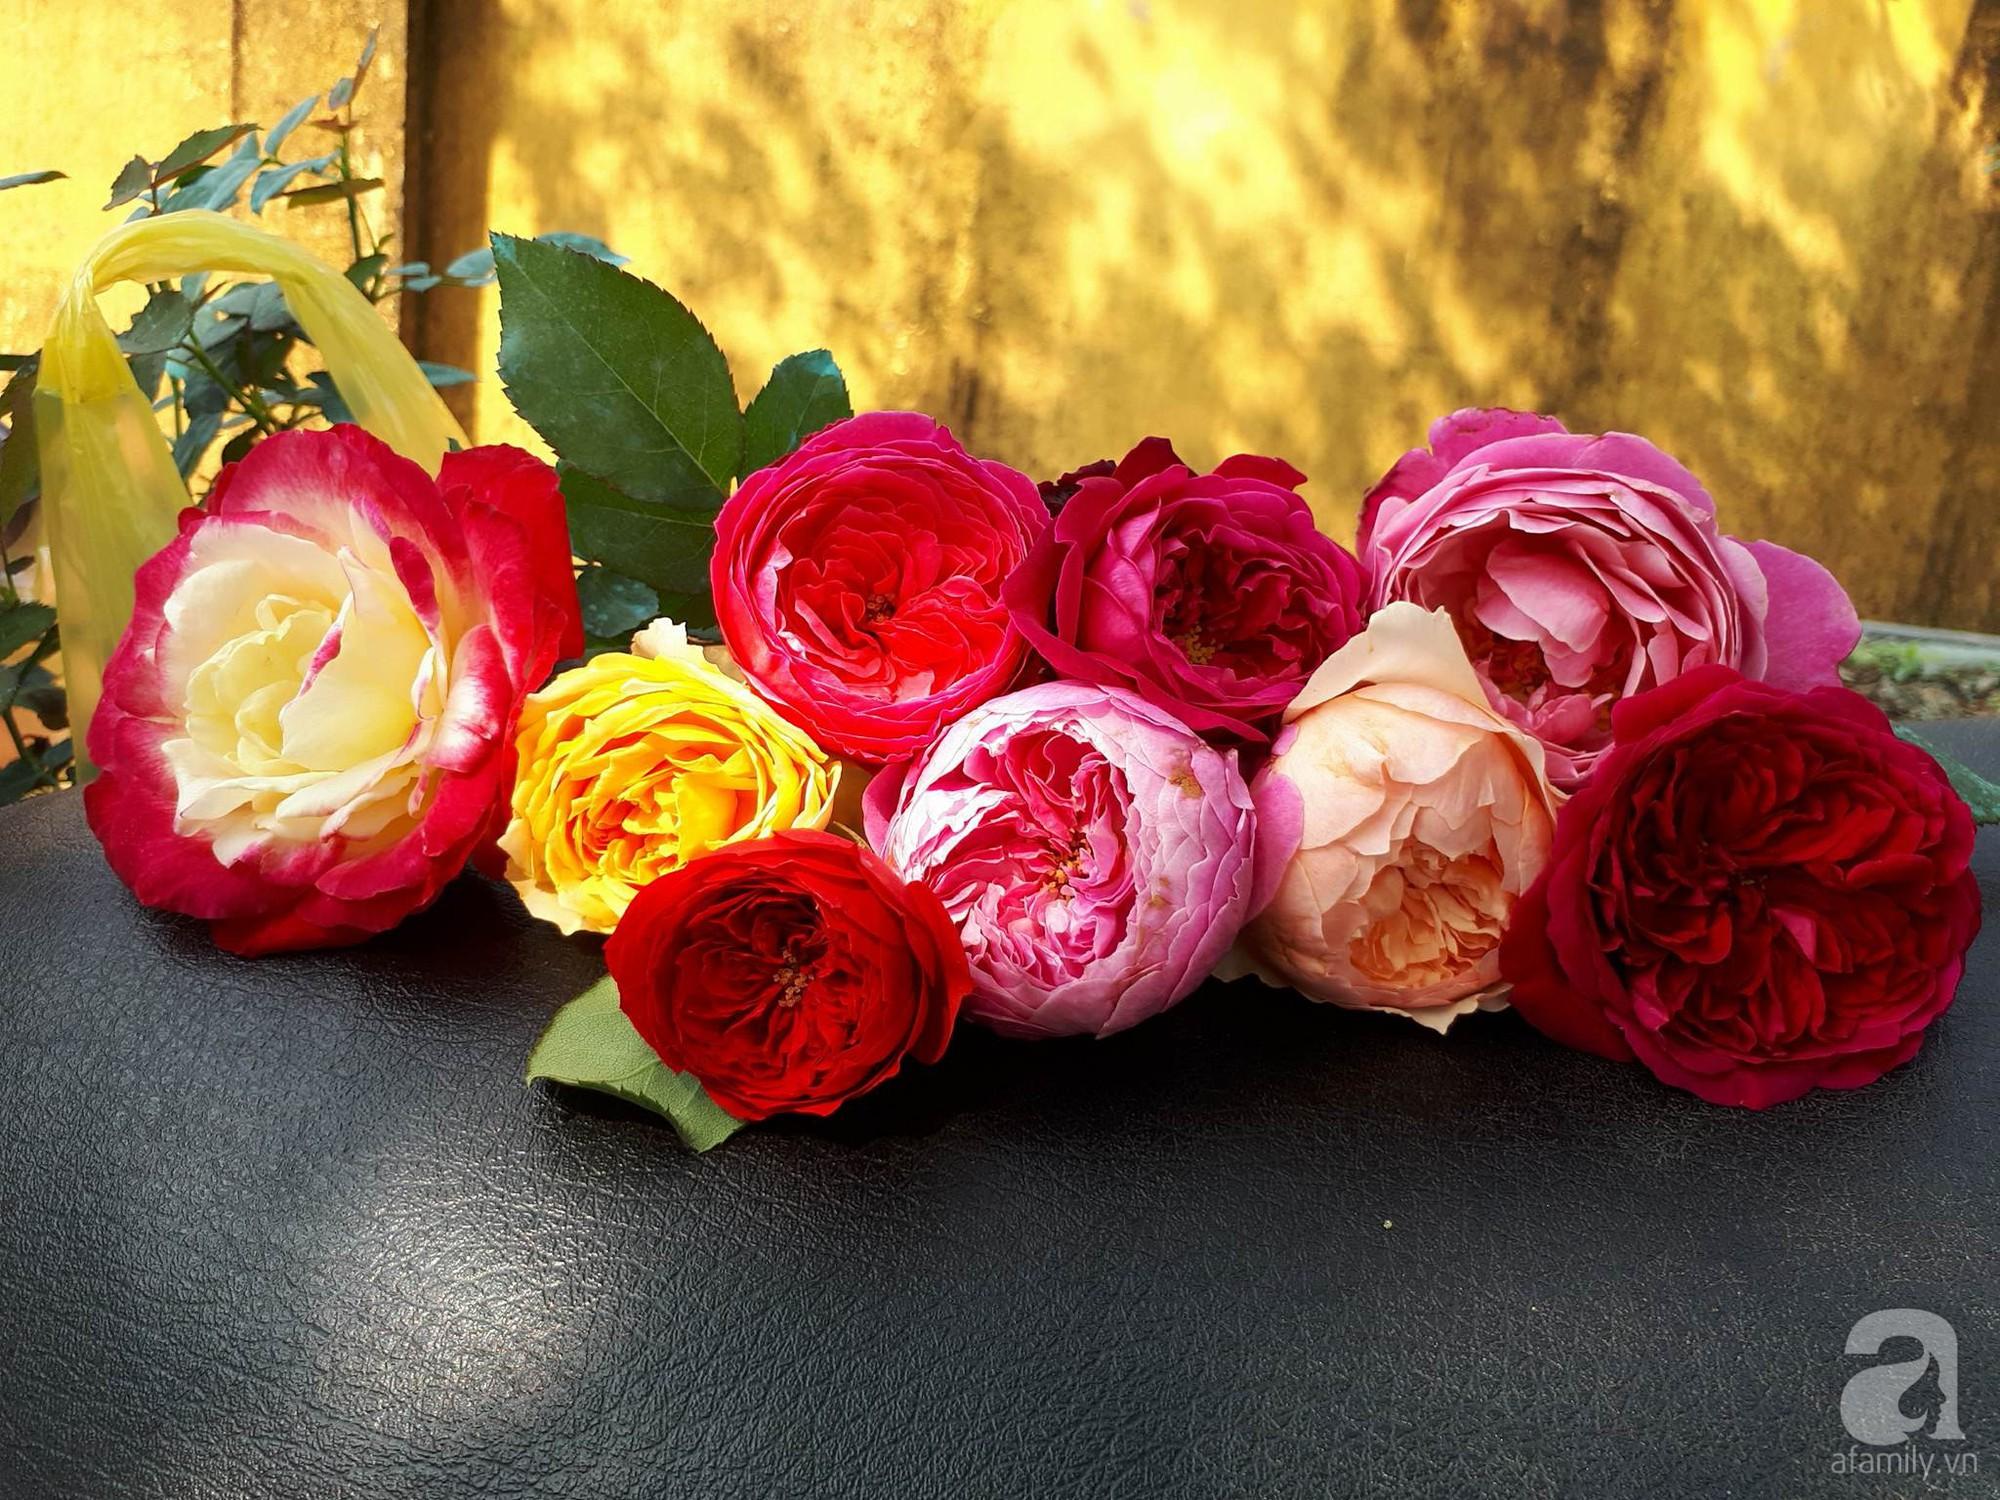 Ngôi nhà hoa hồng thơm ngát và rực rỡ với hàng trăm gốc hồng trên triền núi của cô giáo ở Cao Bằng - Ảnh 19.